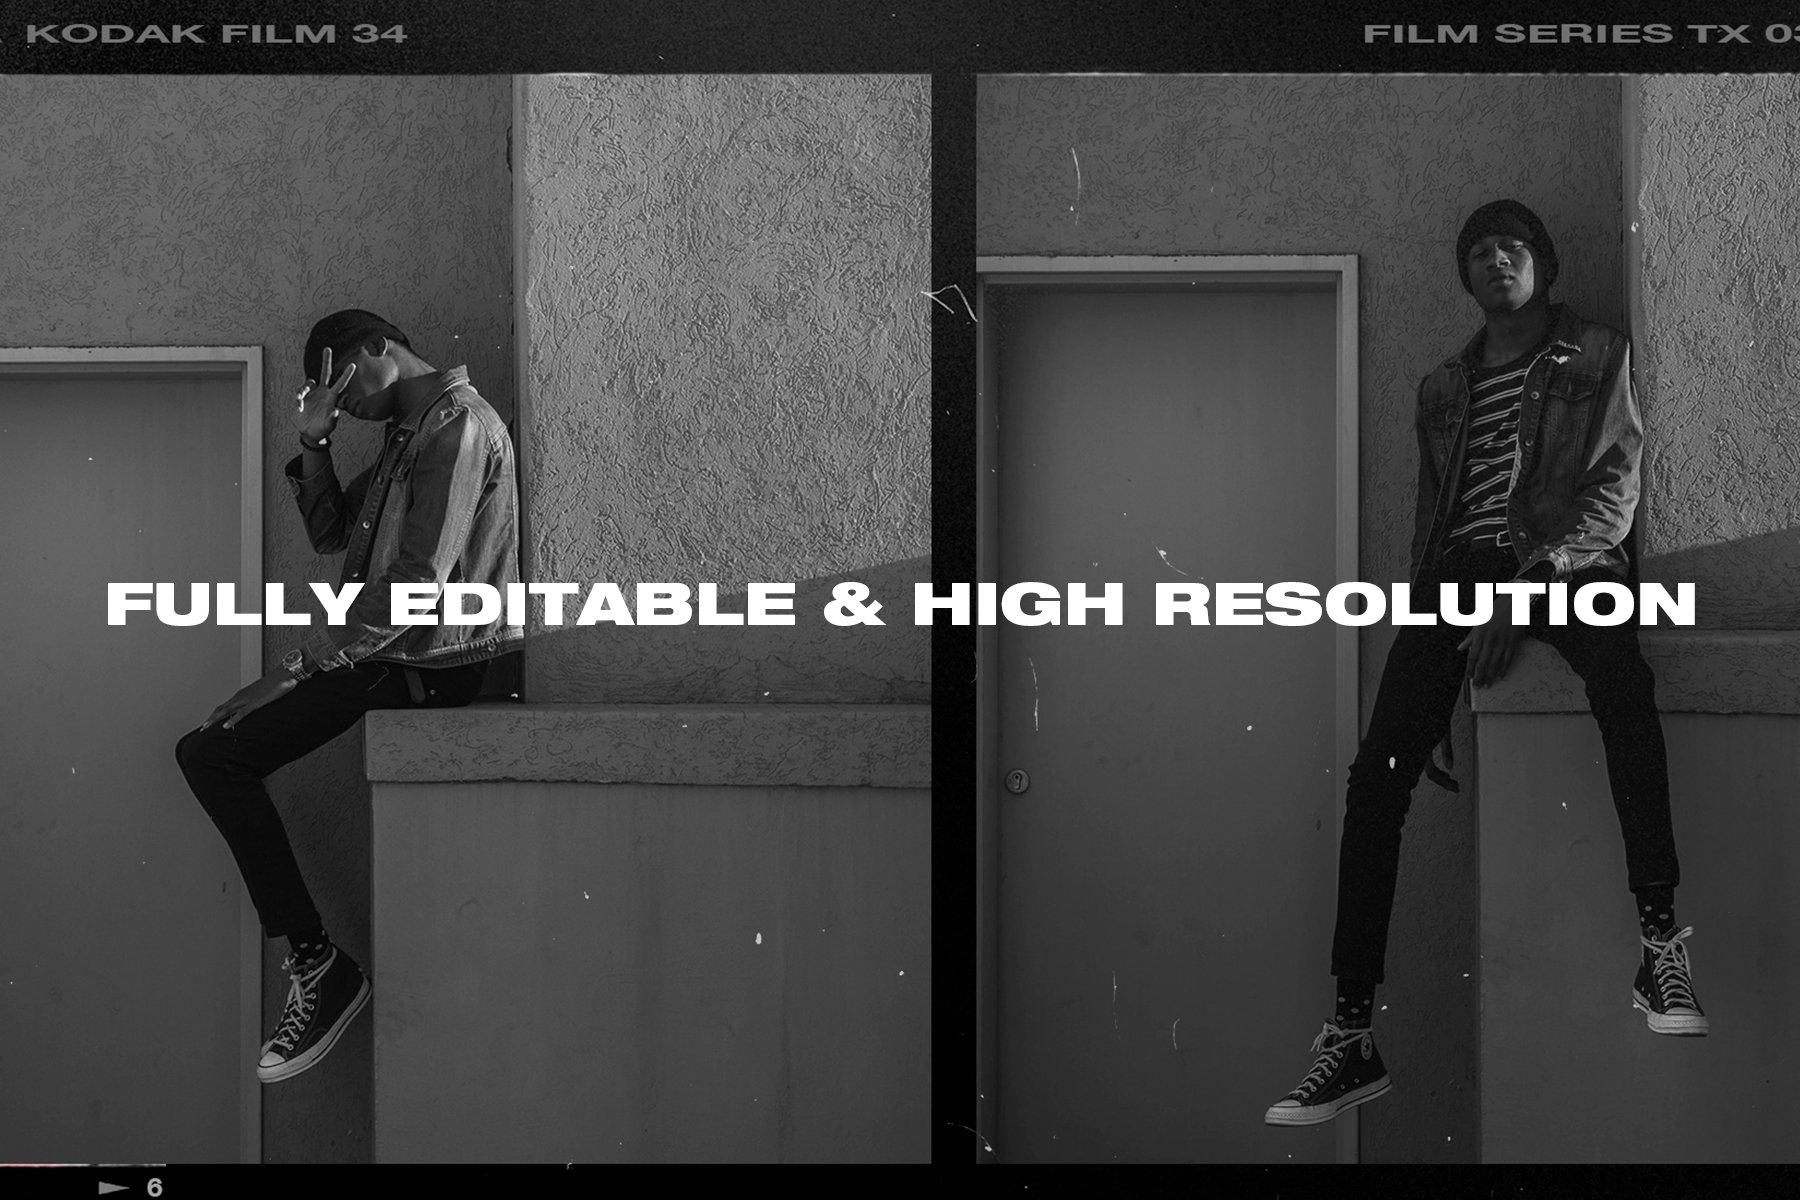 [淘宝购买] 复古做旧相机相片胶卷胶片边框图层叠加样机PS设计素材 High Quality Film Frames Creator插图(3)